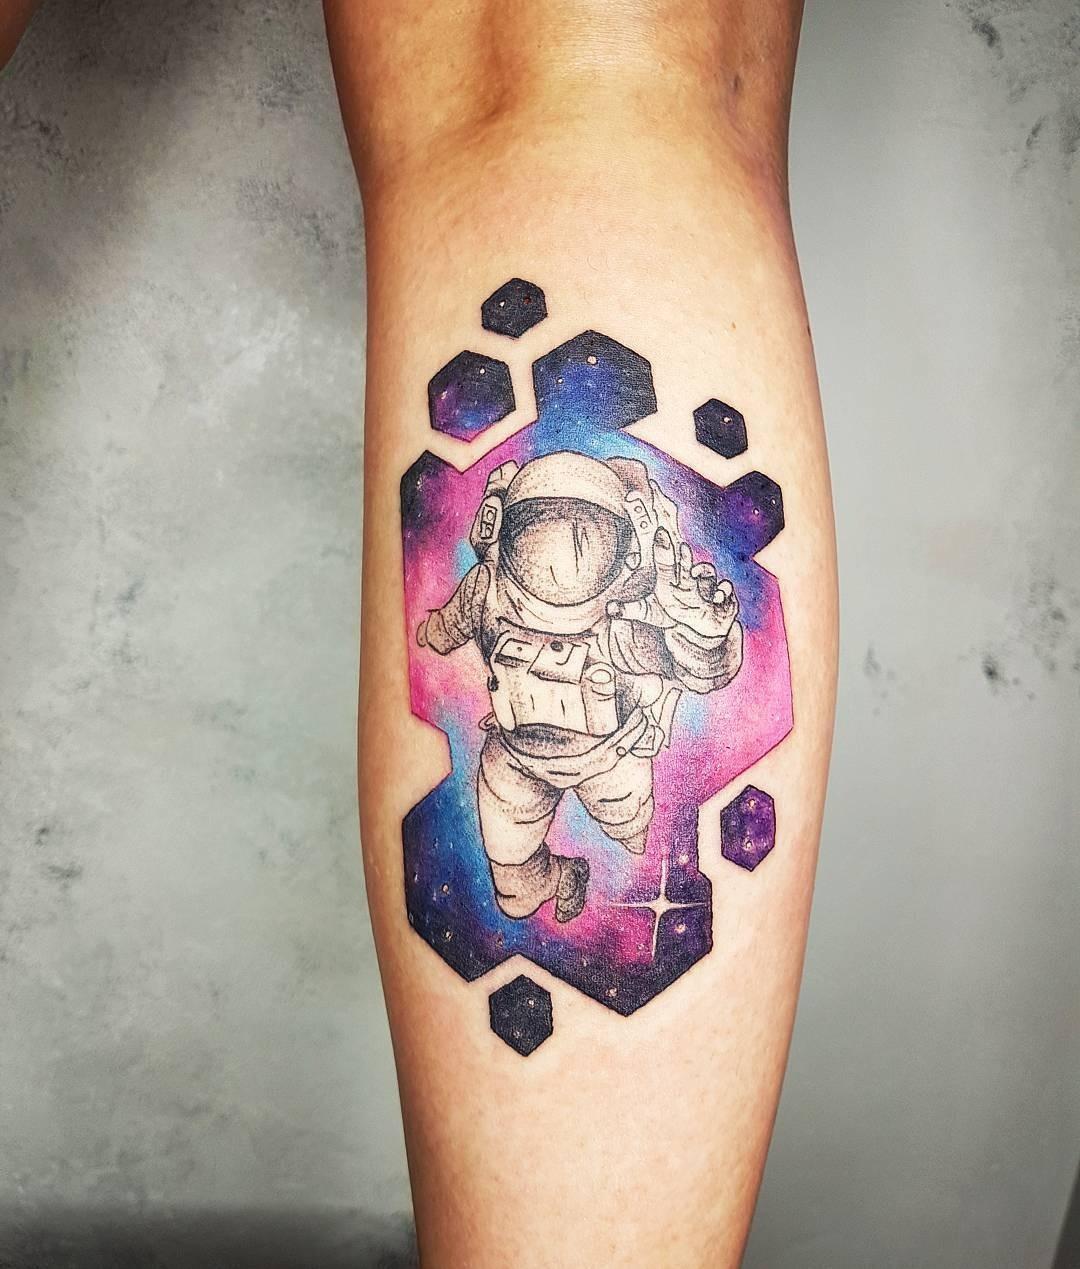 А хрупкую икру может украсить космонавт, парящий где-то нафоне растворяющейся галактики. Цветные татуировки натему космоса делают обычно вакварельном стиле - именно благодаря такой тех...